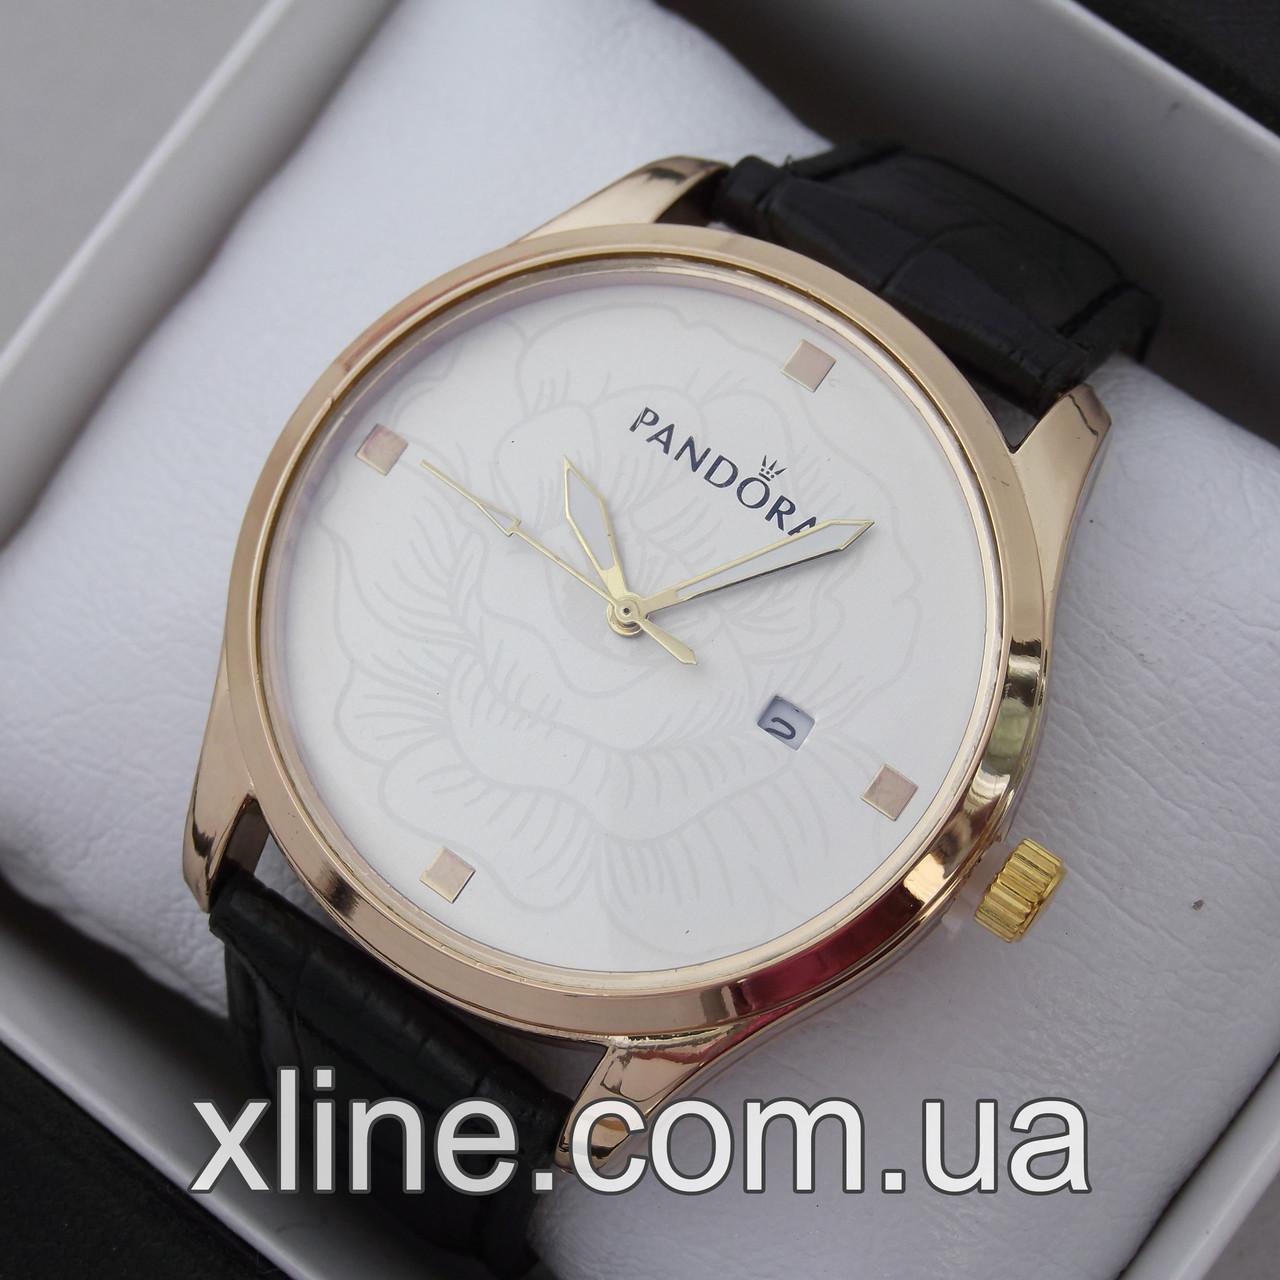 Женских часов стоимость кожаных swatch irony часы продам